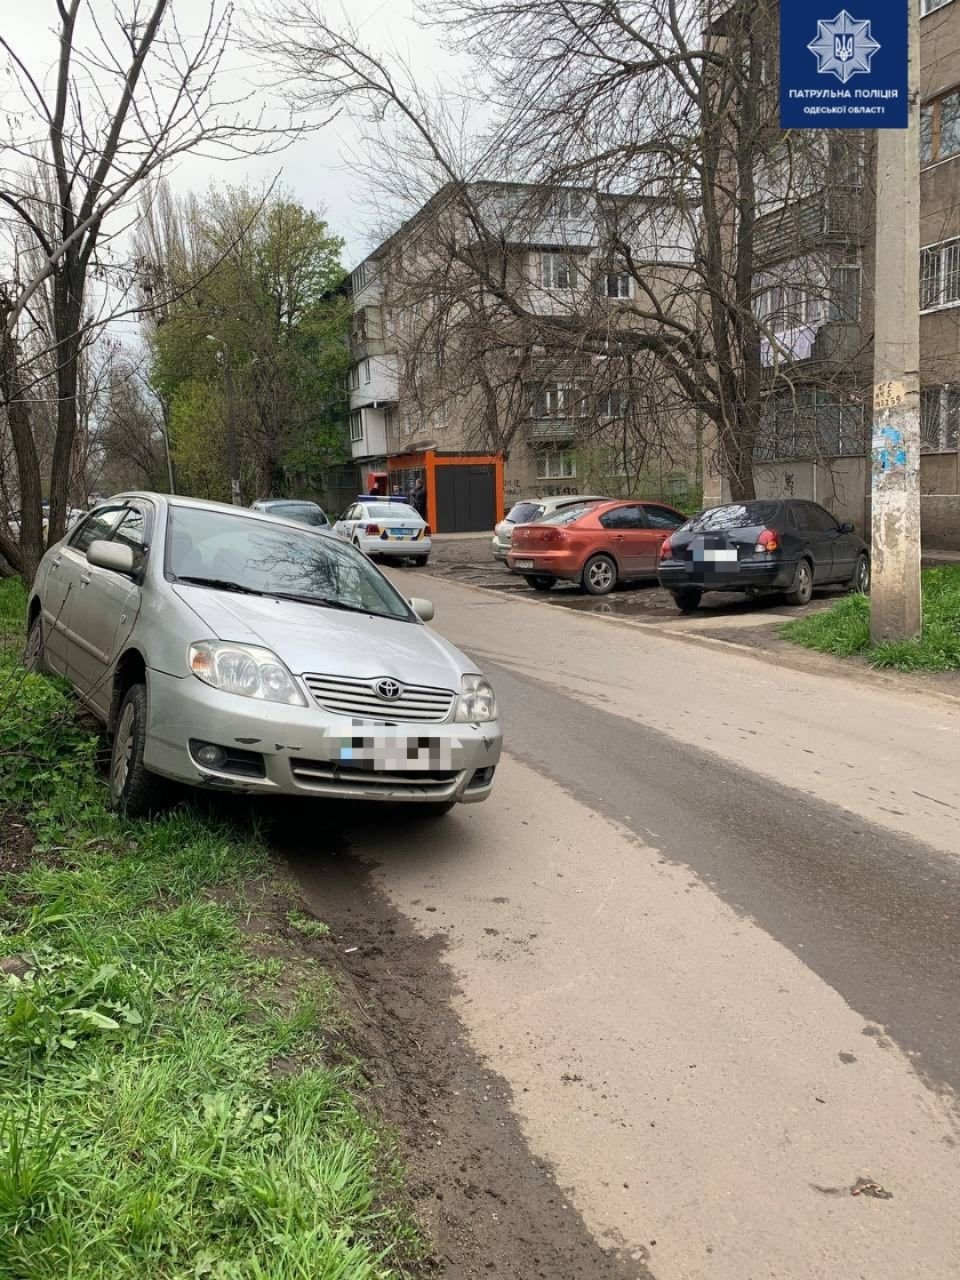 В Одессе автомобиль под управлением пьяного водителя застрял в болоте, - ФОТО, фото-2